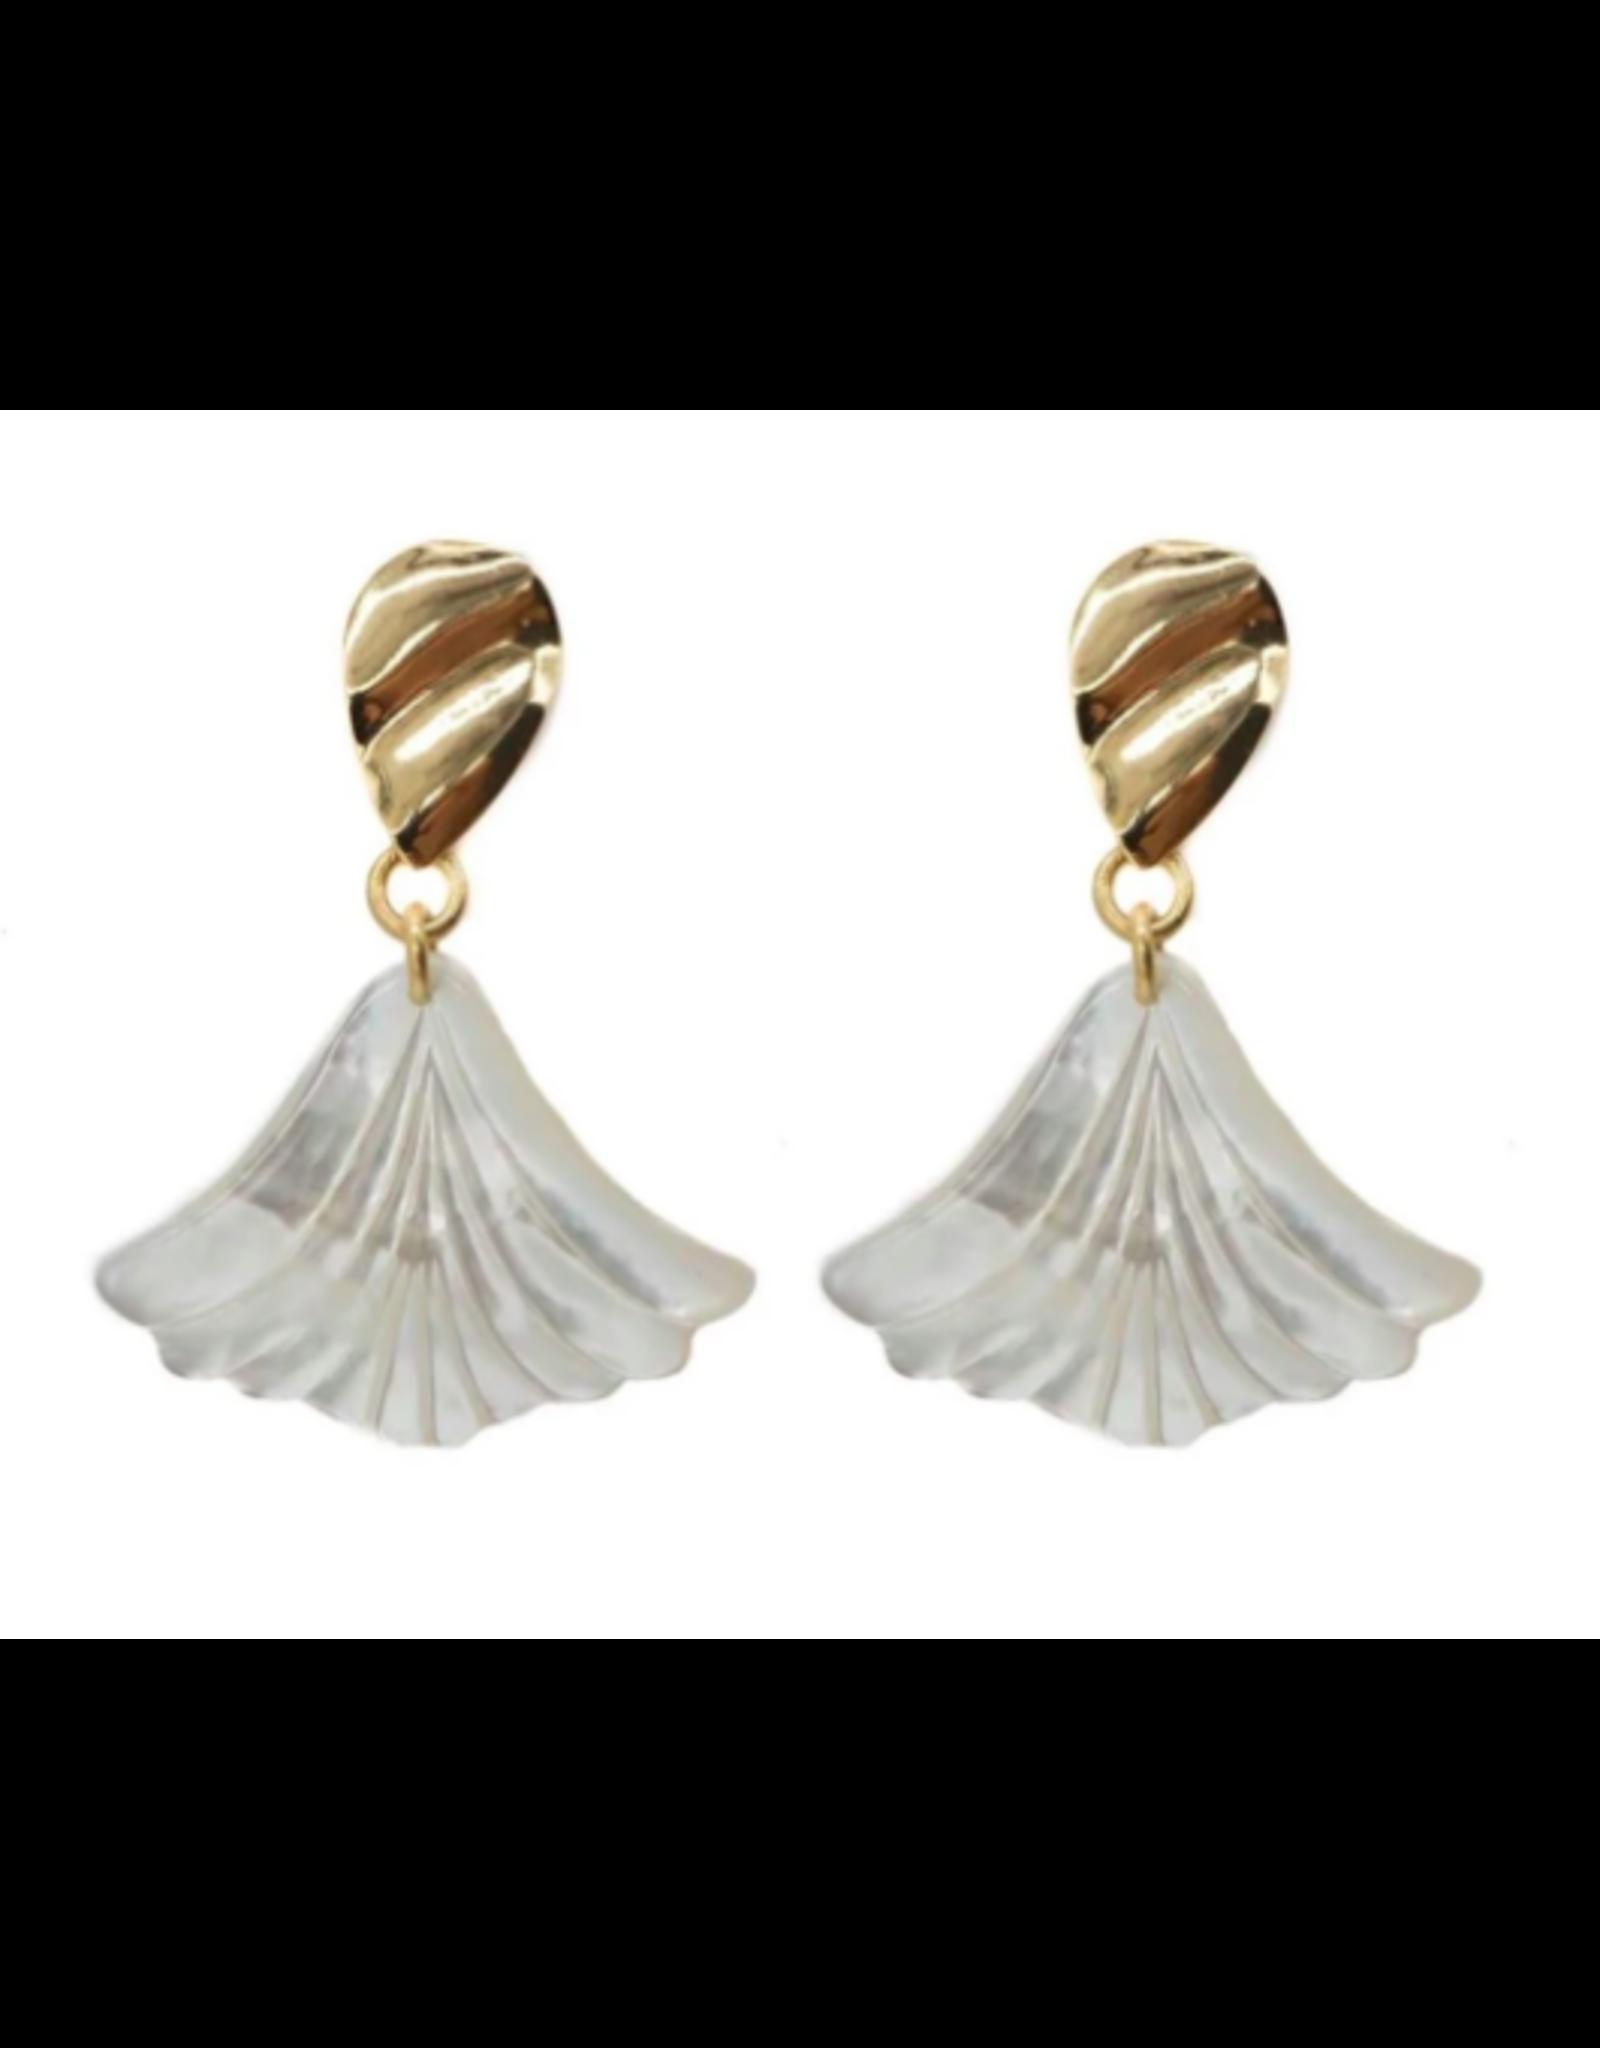 Hazen & Co Darby Earring in Petal by Hazen & Co